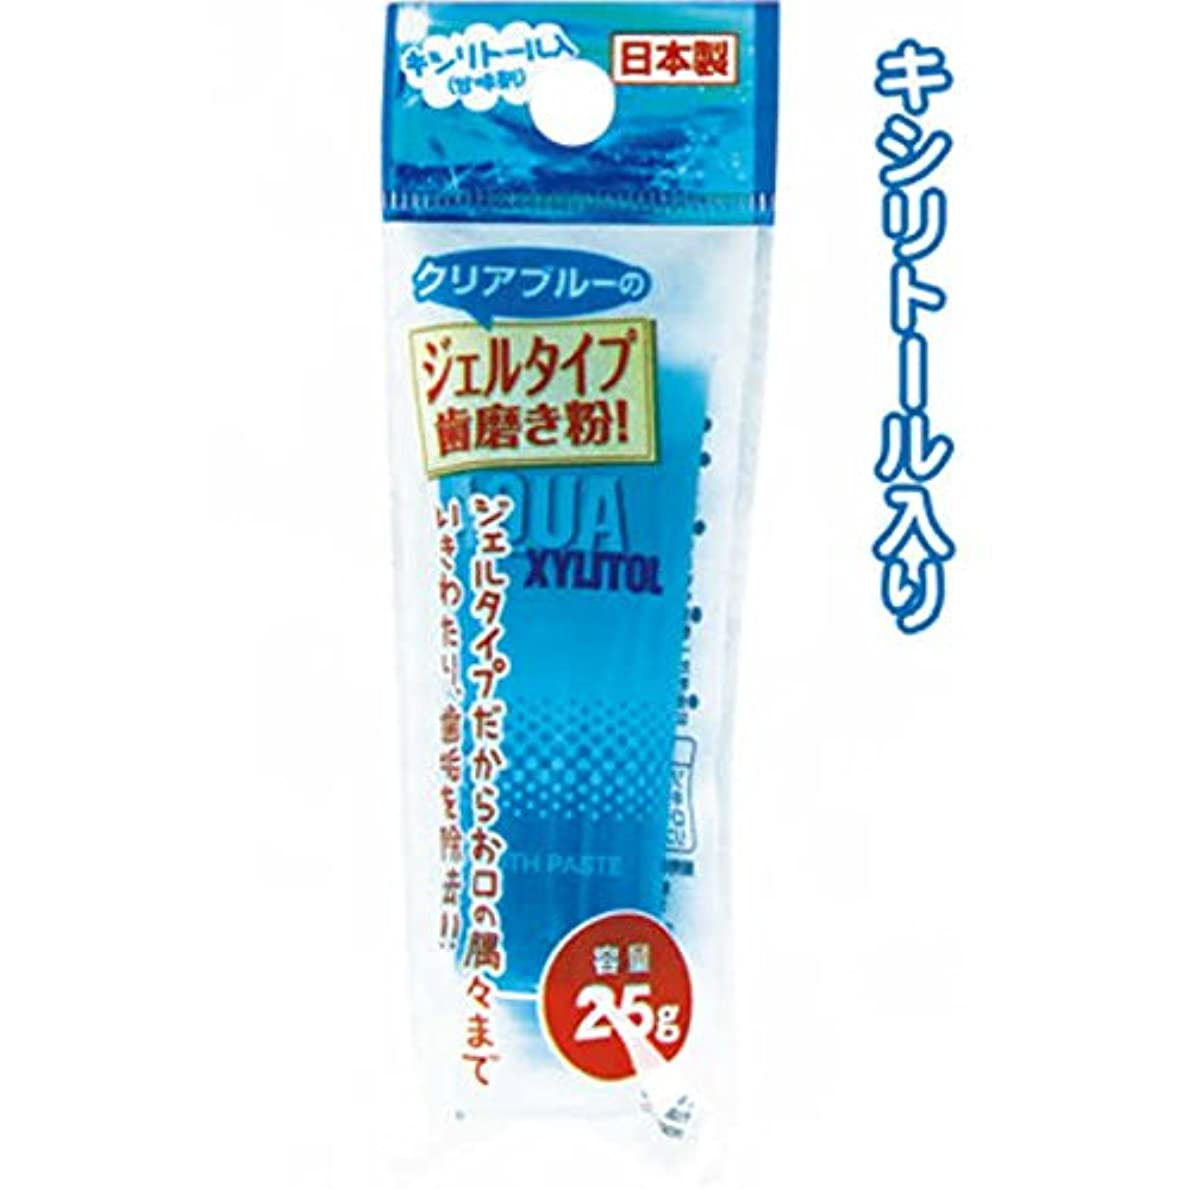 パンチラウズ高層ビルデンタルジェル(25g)日本製 japan 【まとめ買い12個セット】 41-096